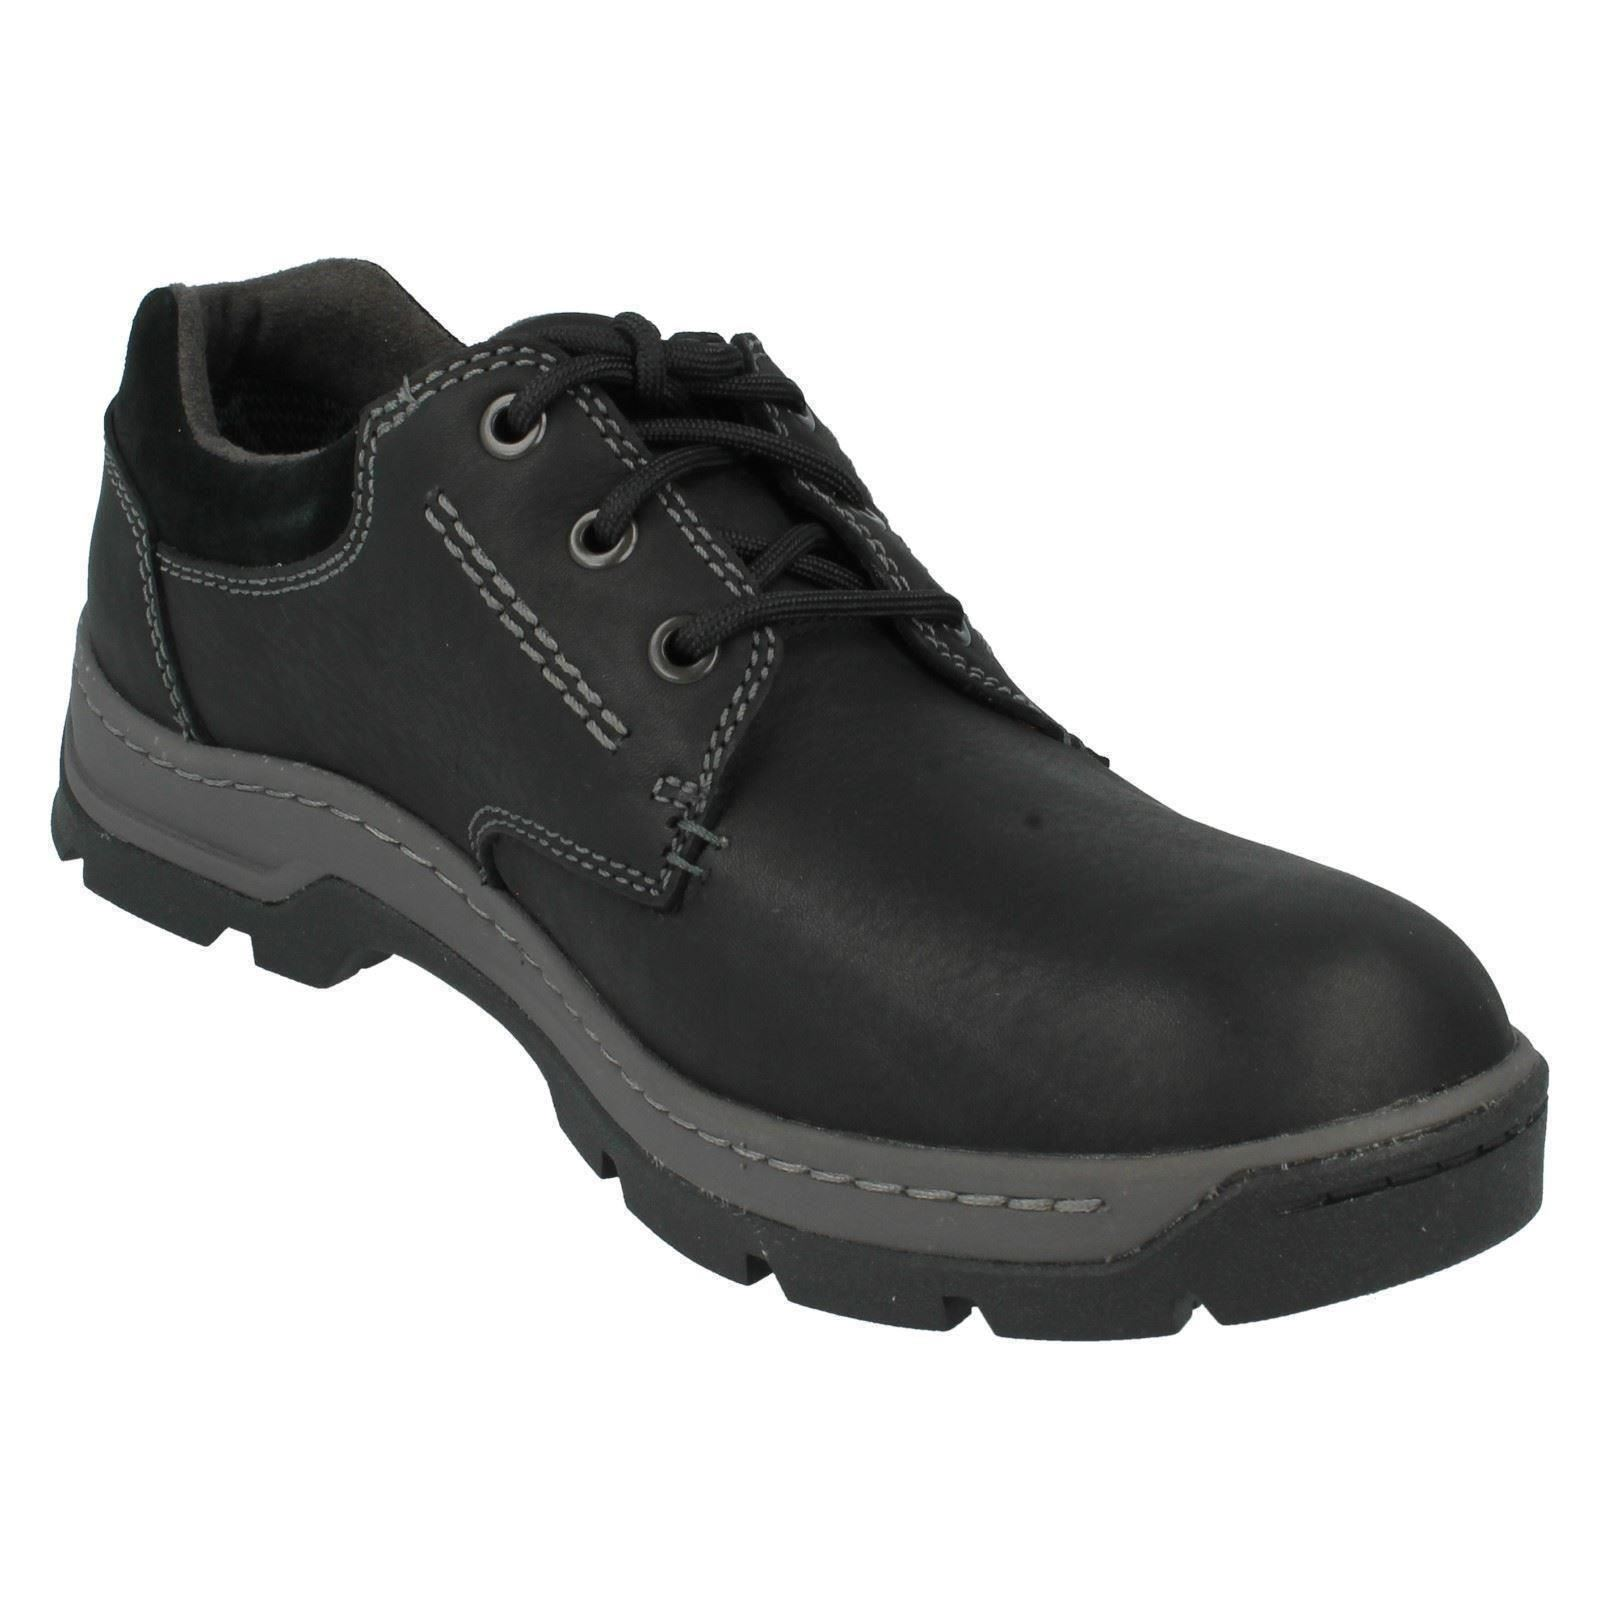 Les Hommes Hommes Les De CLARKS Casual Chaussures Style-stantenwalk GTX 3900ef